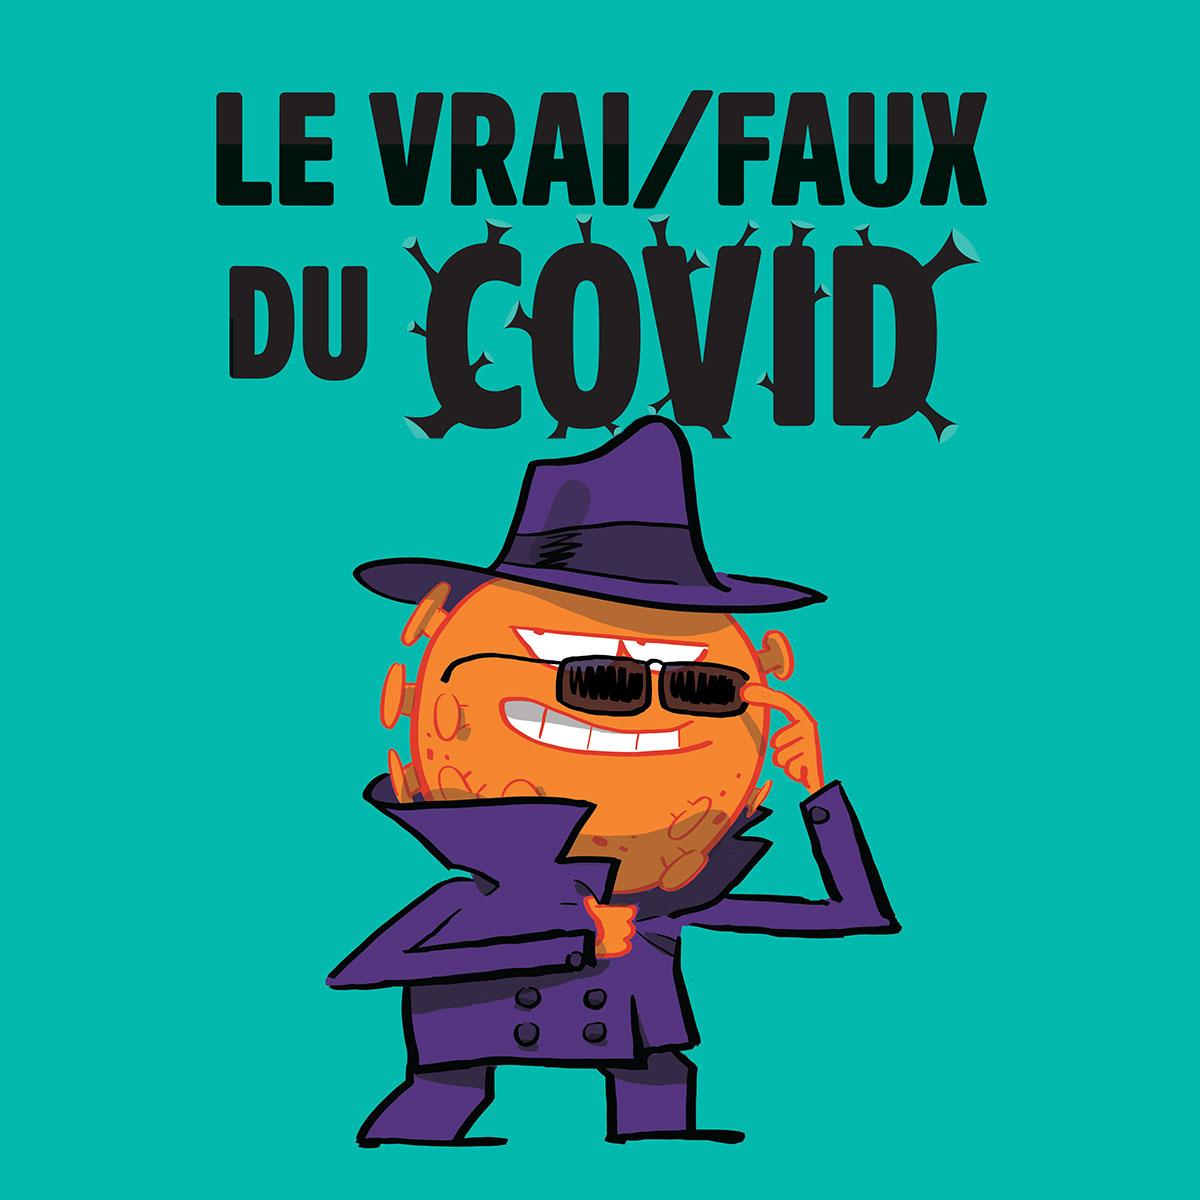 Le vrai/faux duCovid